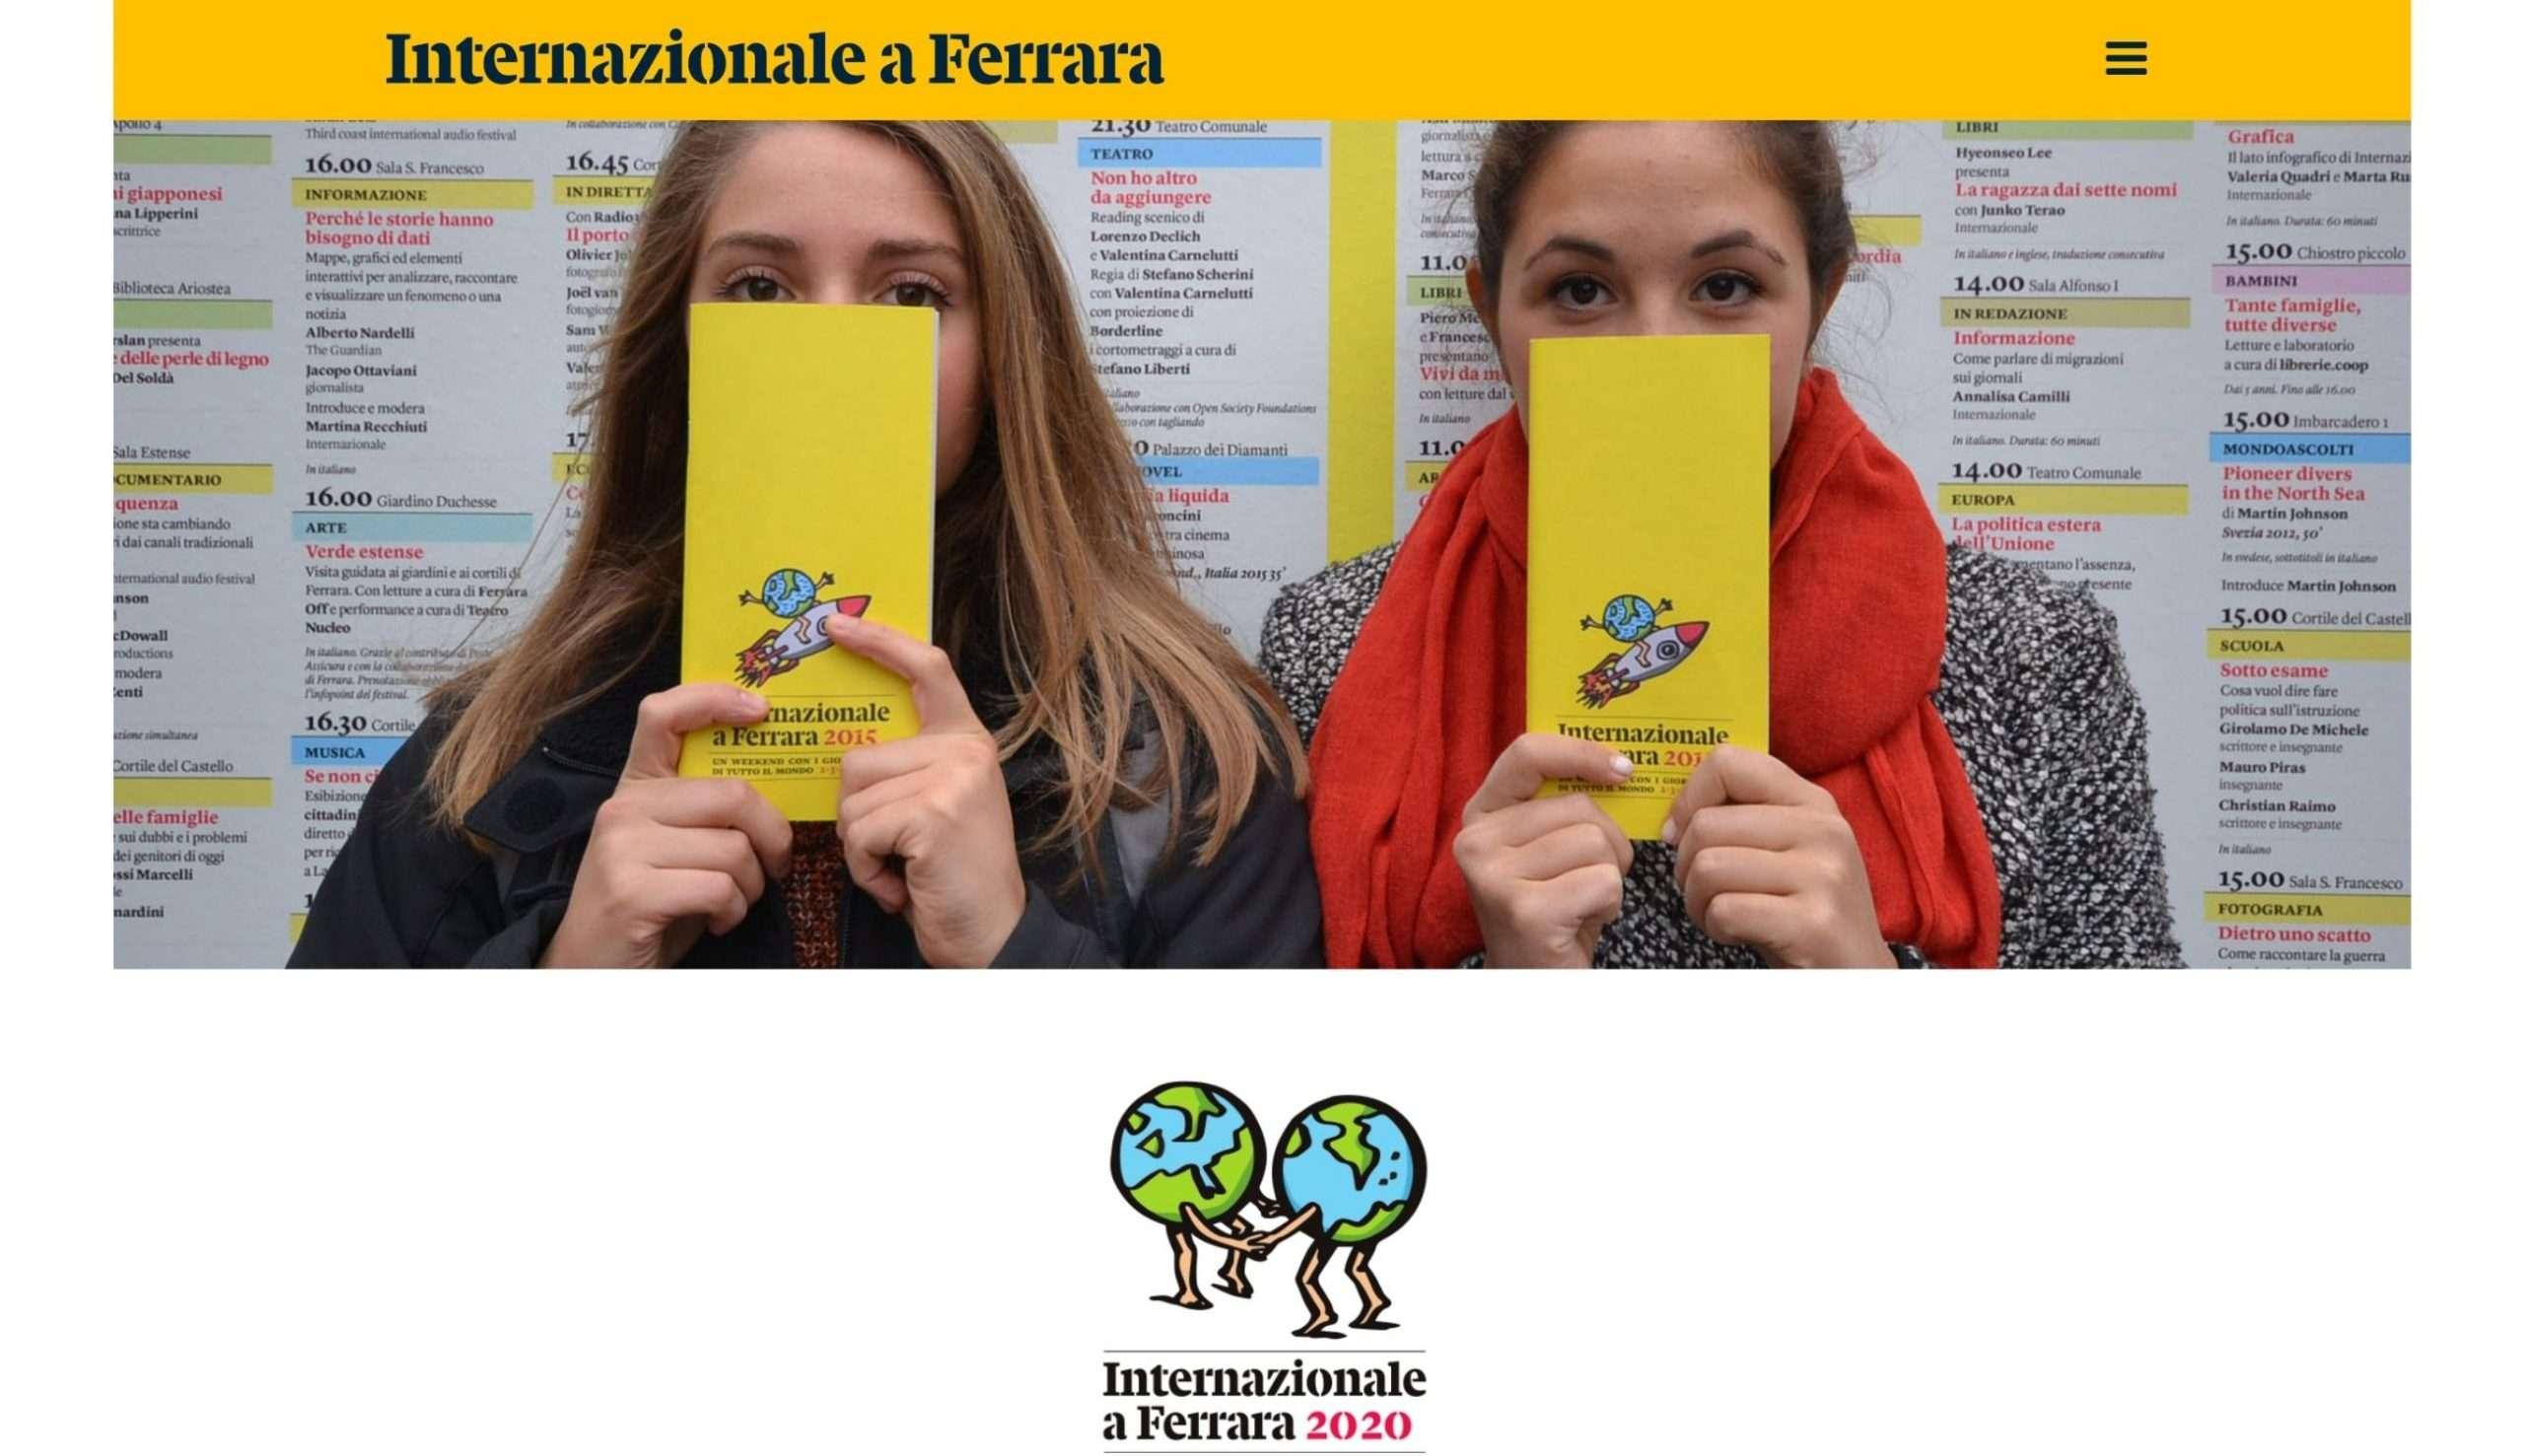 Internazionale a Ferrara 2020